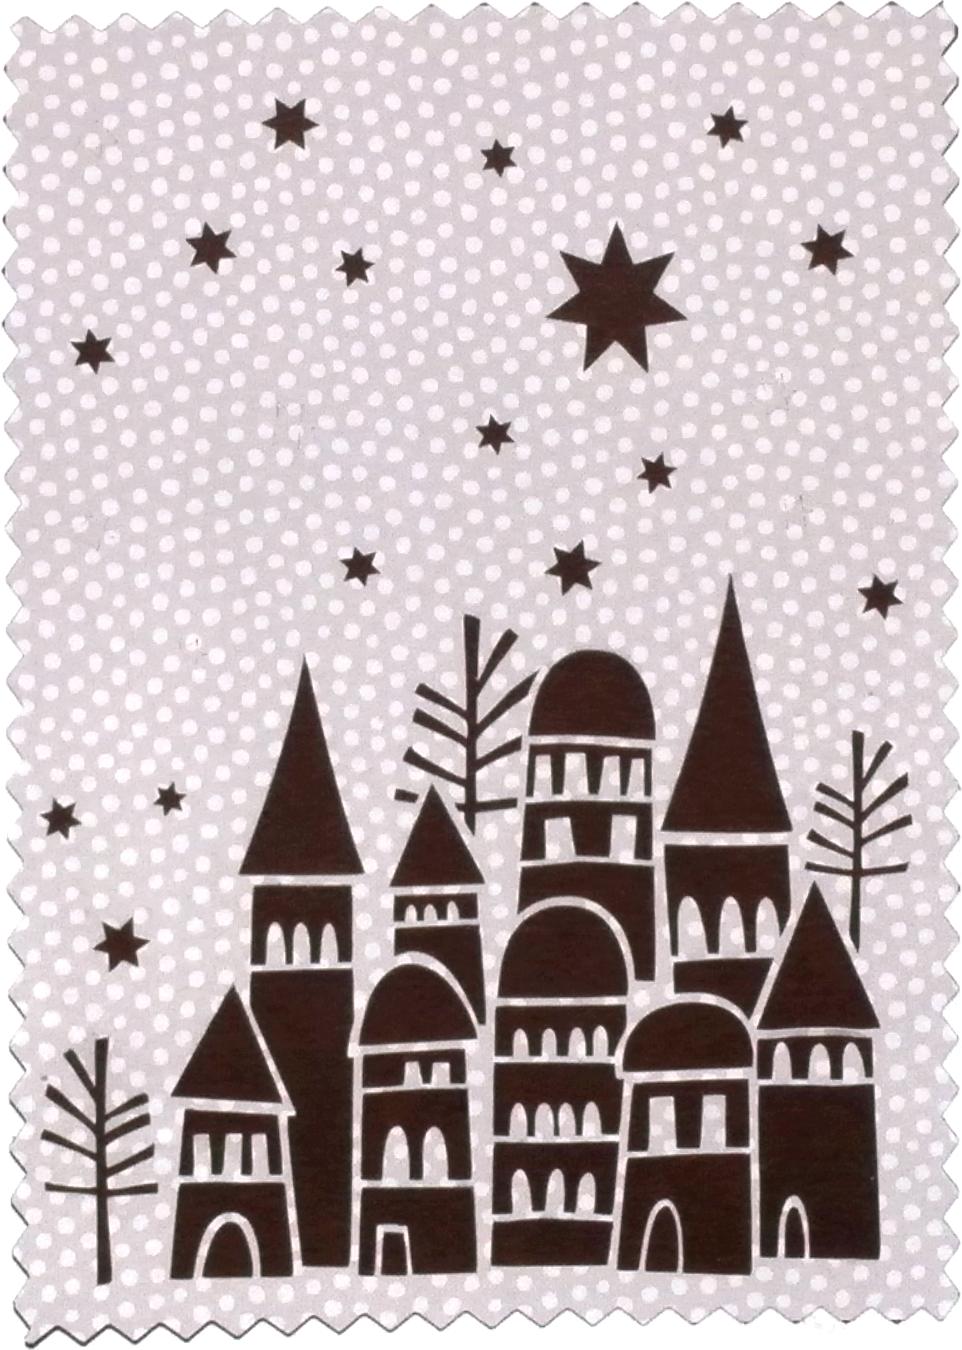 des cartes pour le futur Noël